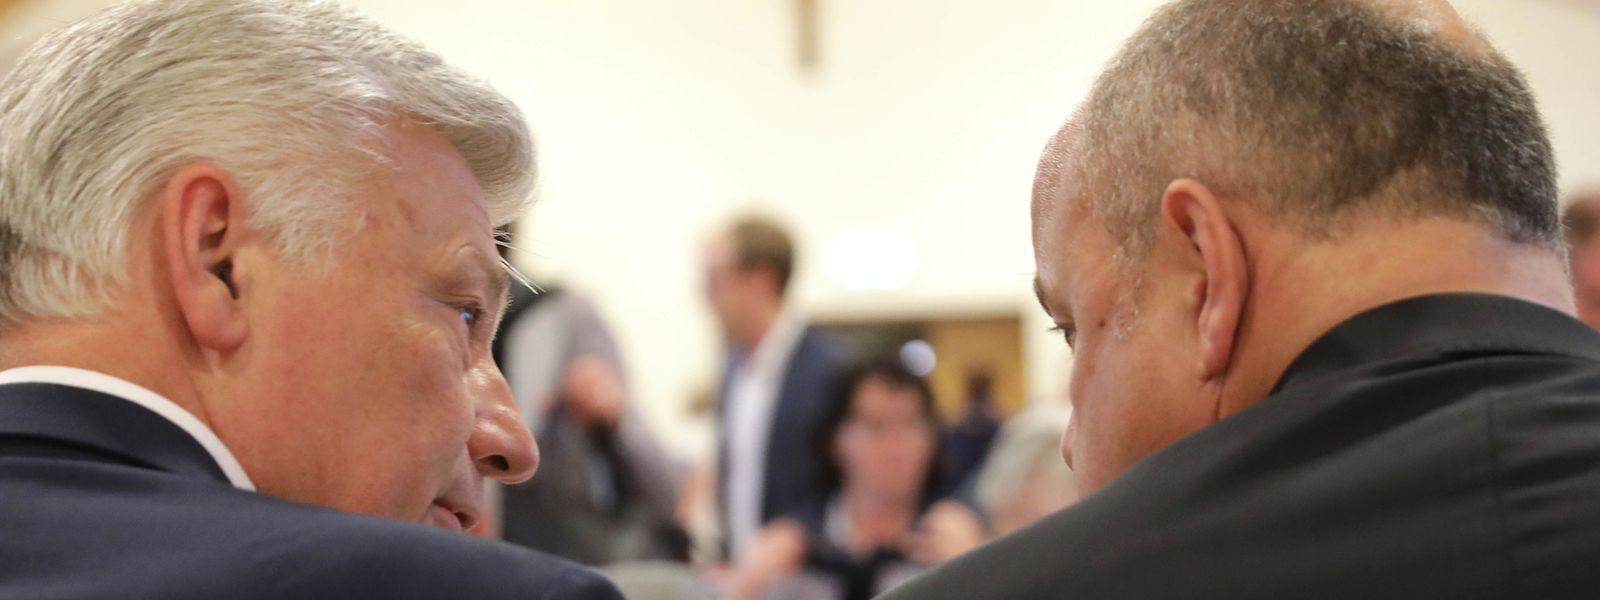 Le 16 octobre 2018 à Luxembourg-Belair: Claude Wiseler (à gauche) et Marc Spautz, les deux figures des élections 2018 se retrouvent face au comité national élargi du CSV.